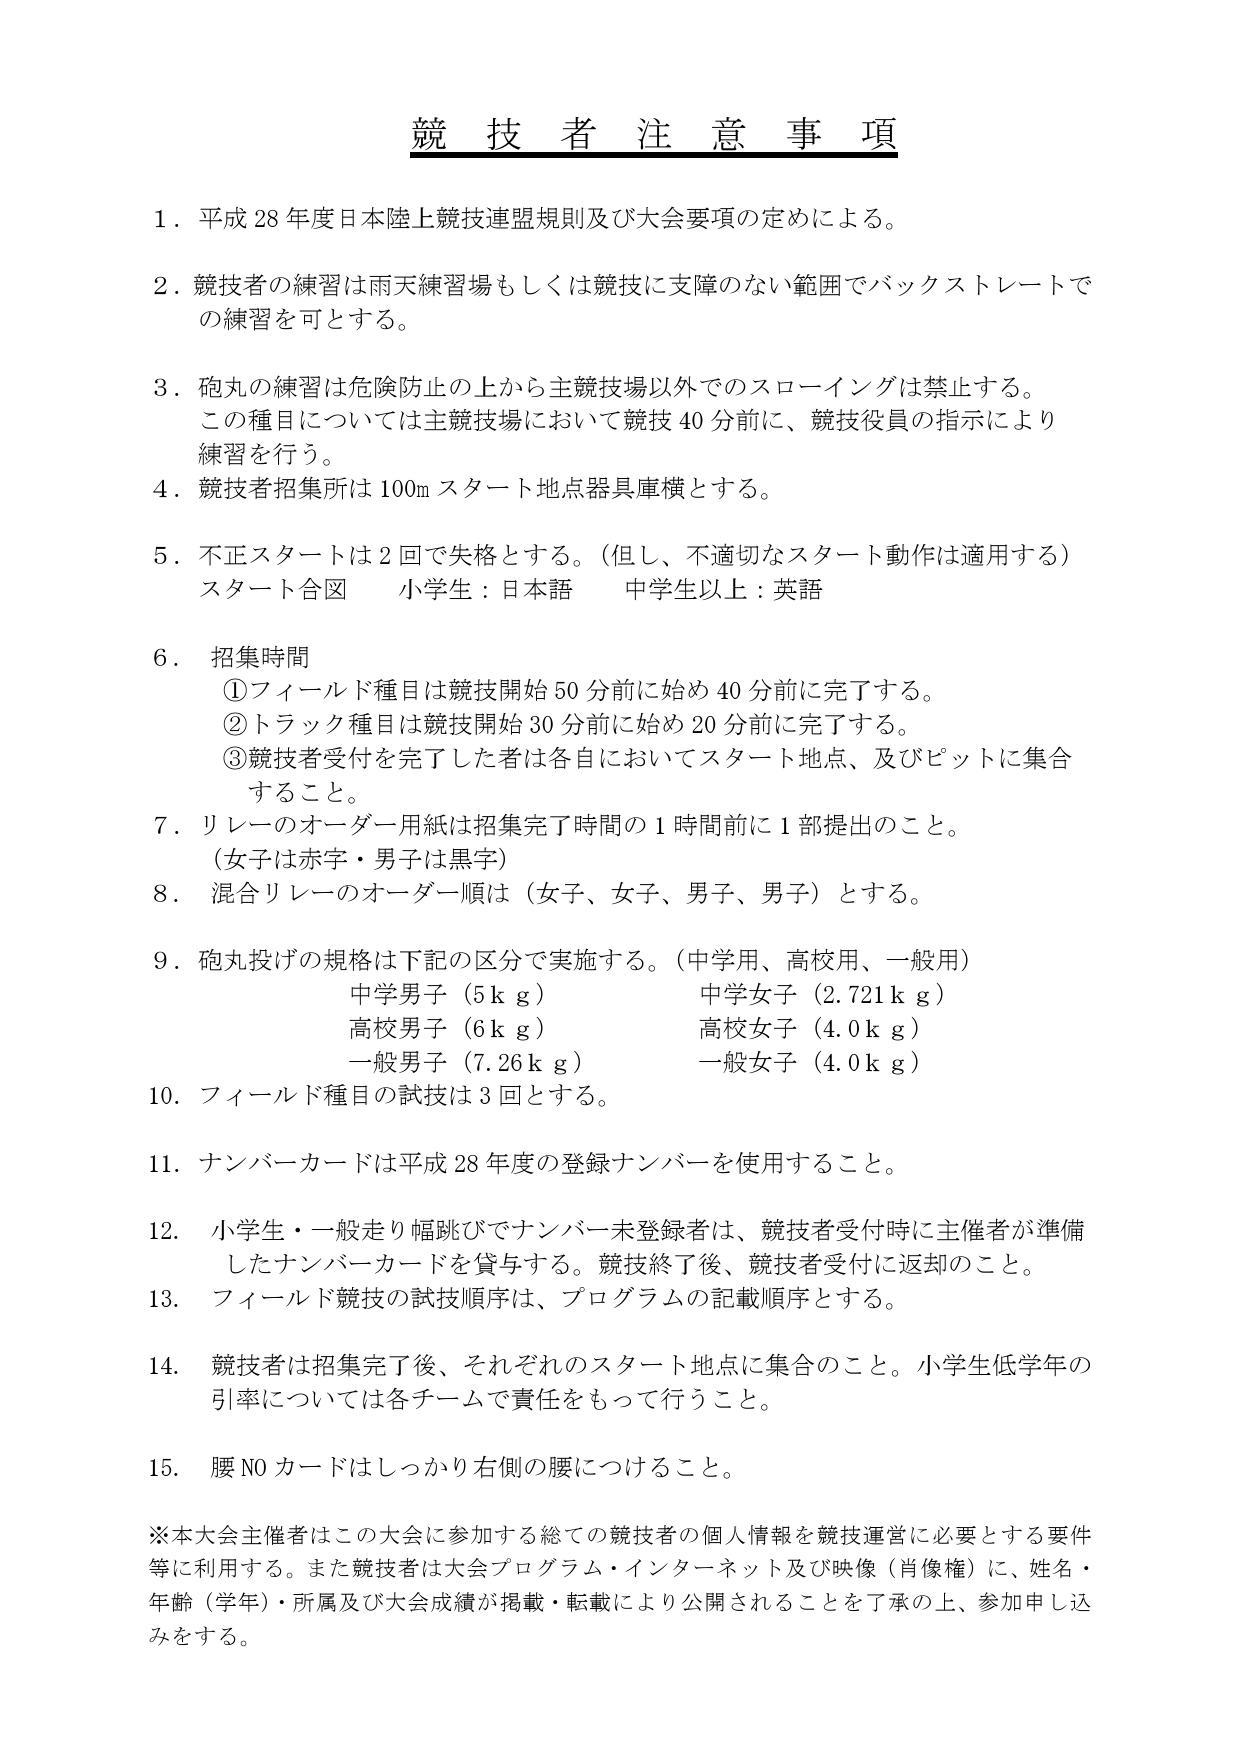 20160522長泉注意